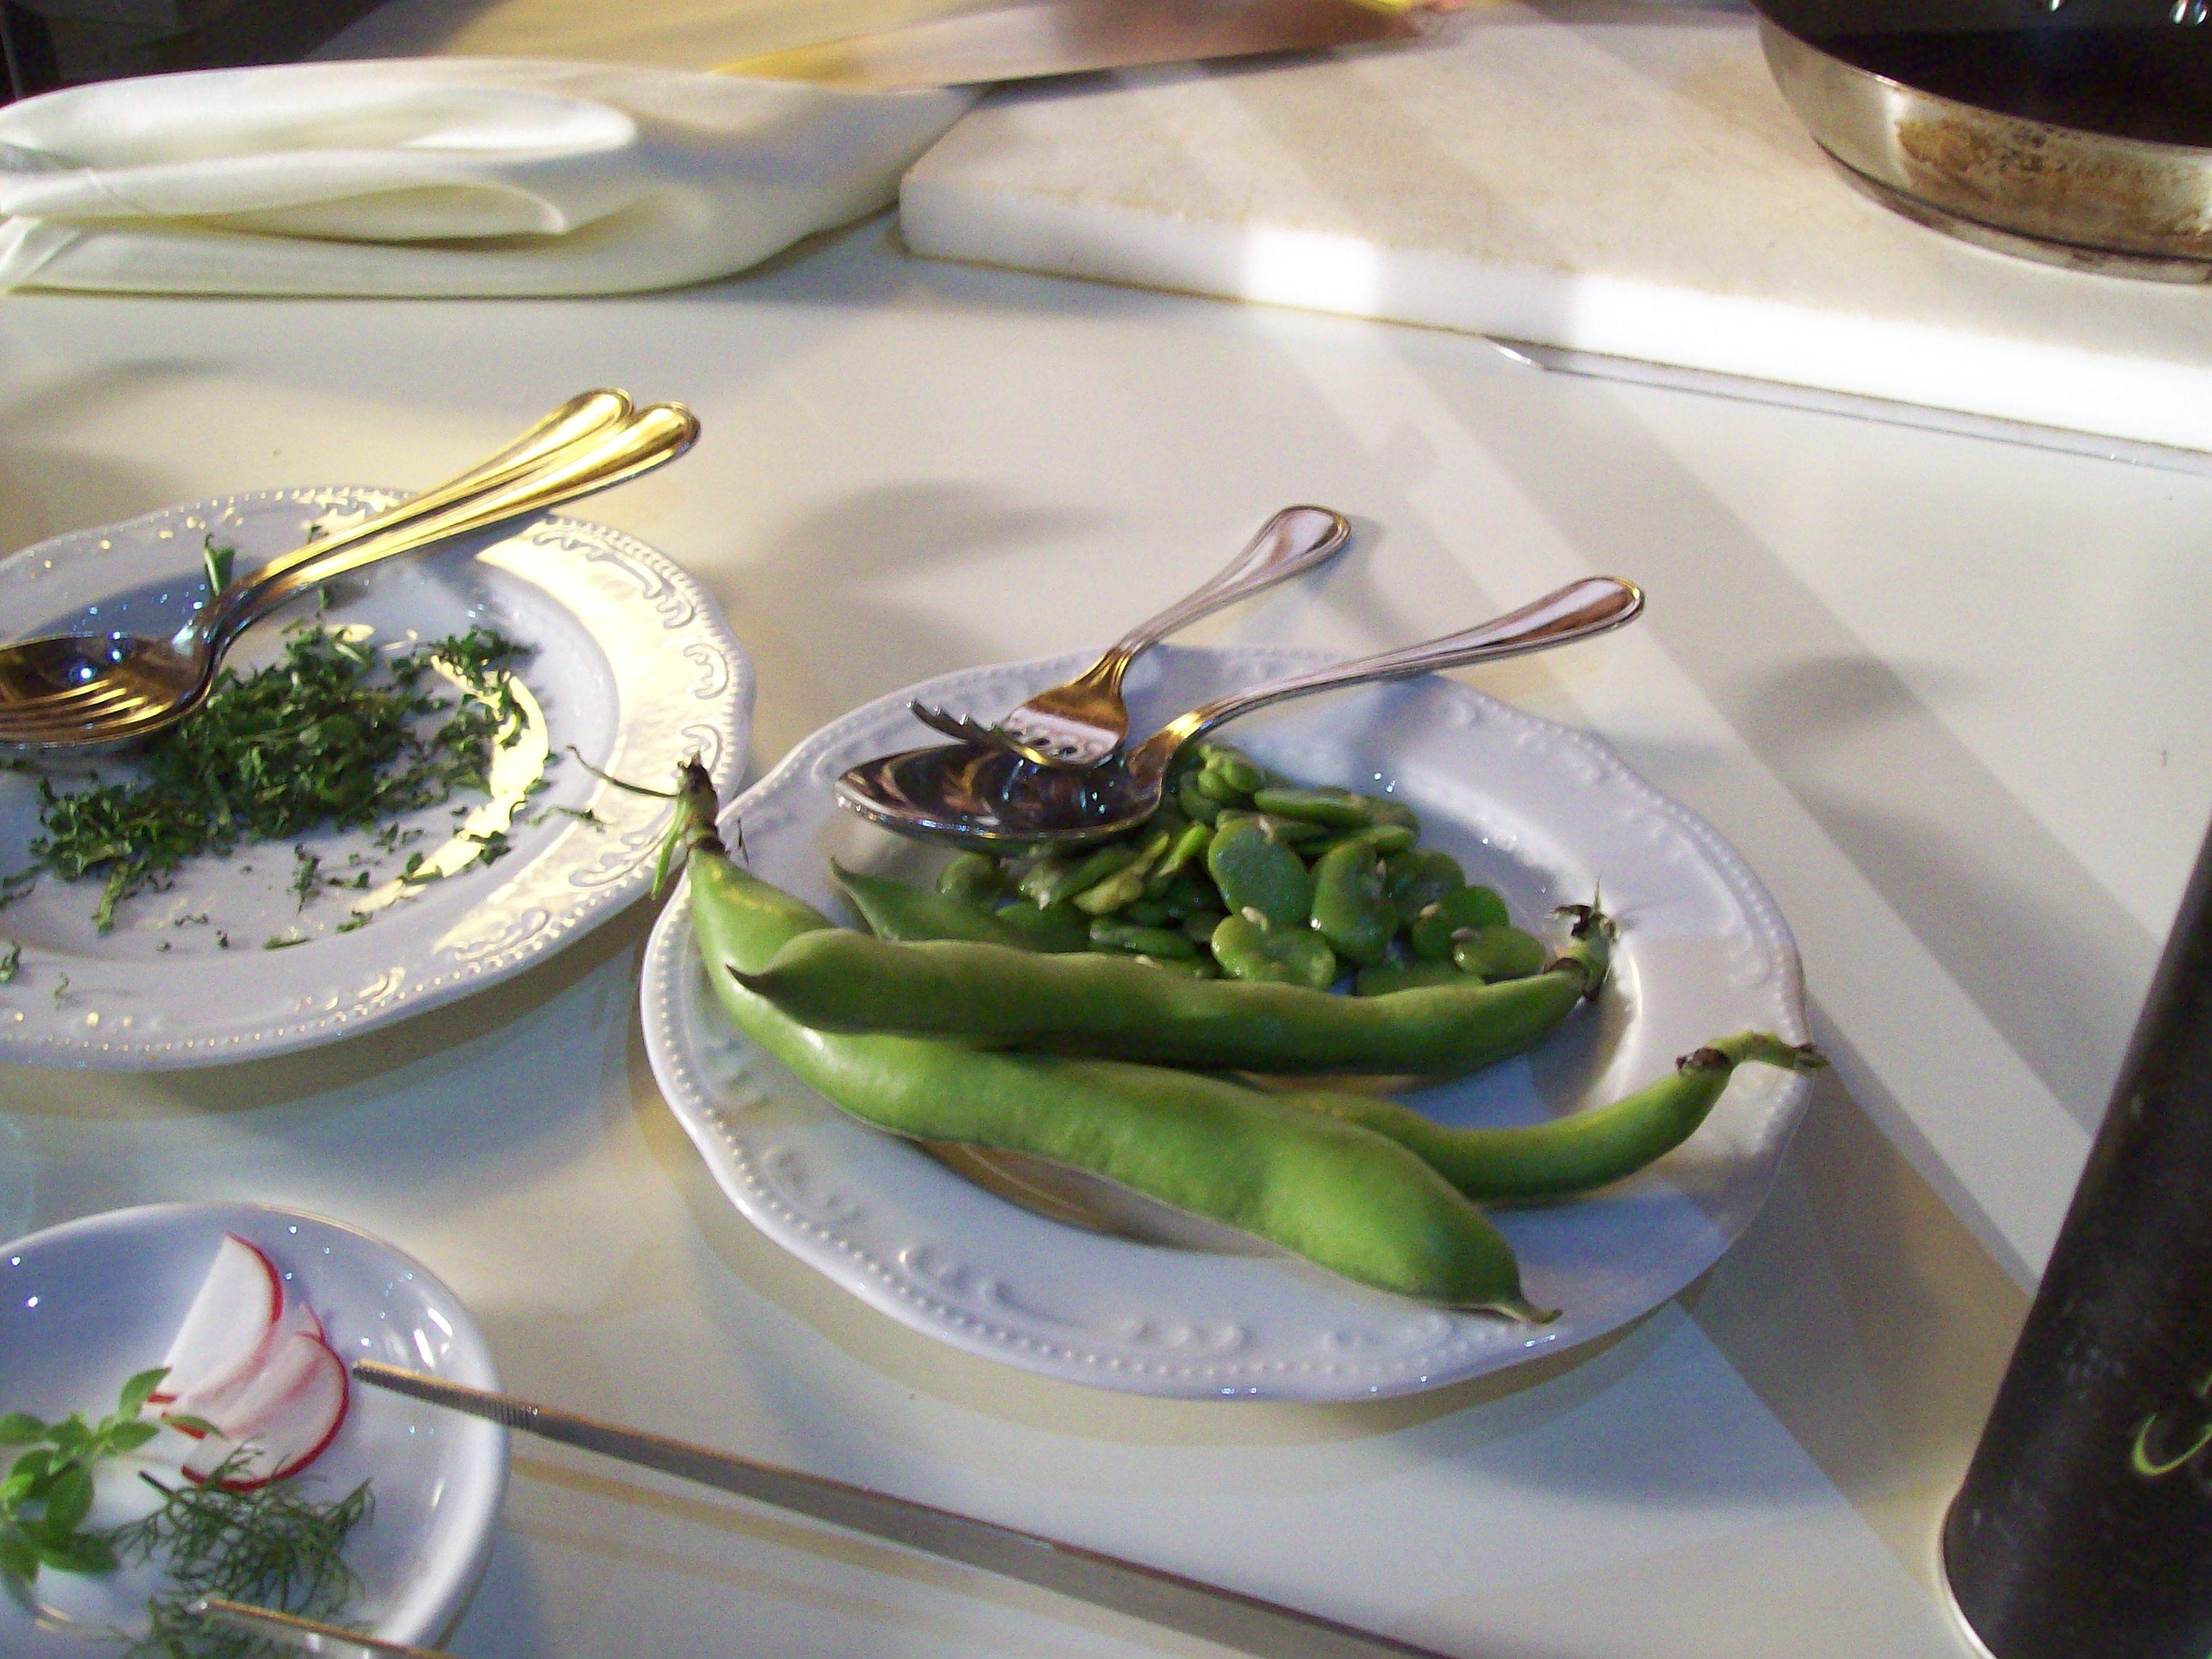 https://www.ragusanews.com//immagini_articoli/15-04-2016/1460712874-2-la-cucina-mediterranea-incontro-fra-tunisia-e-sicilia.jpg